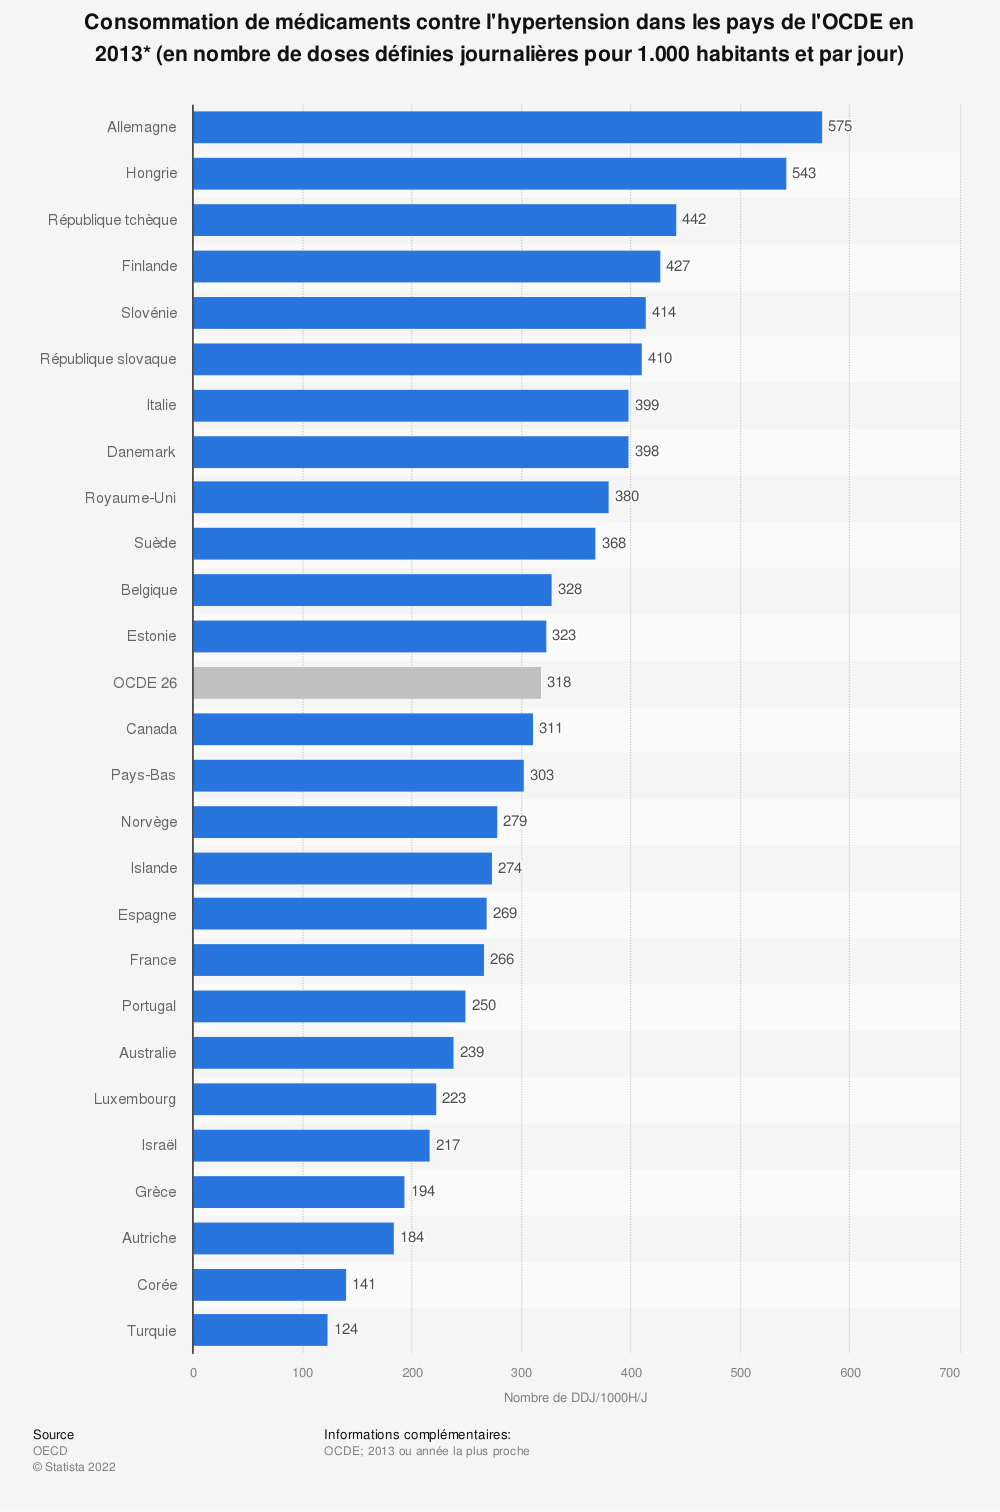 Statistique: Consommation de médicaments contre l'hypertension dans les pays de l'OCDE en 2013* (en nombre de doses définies journalières pour 1.000 habitants et par jour) | Statista